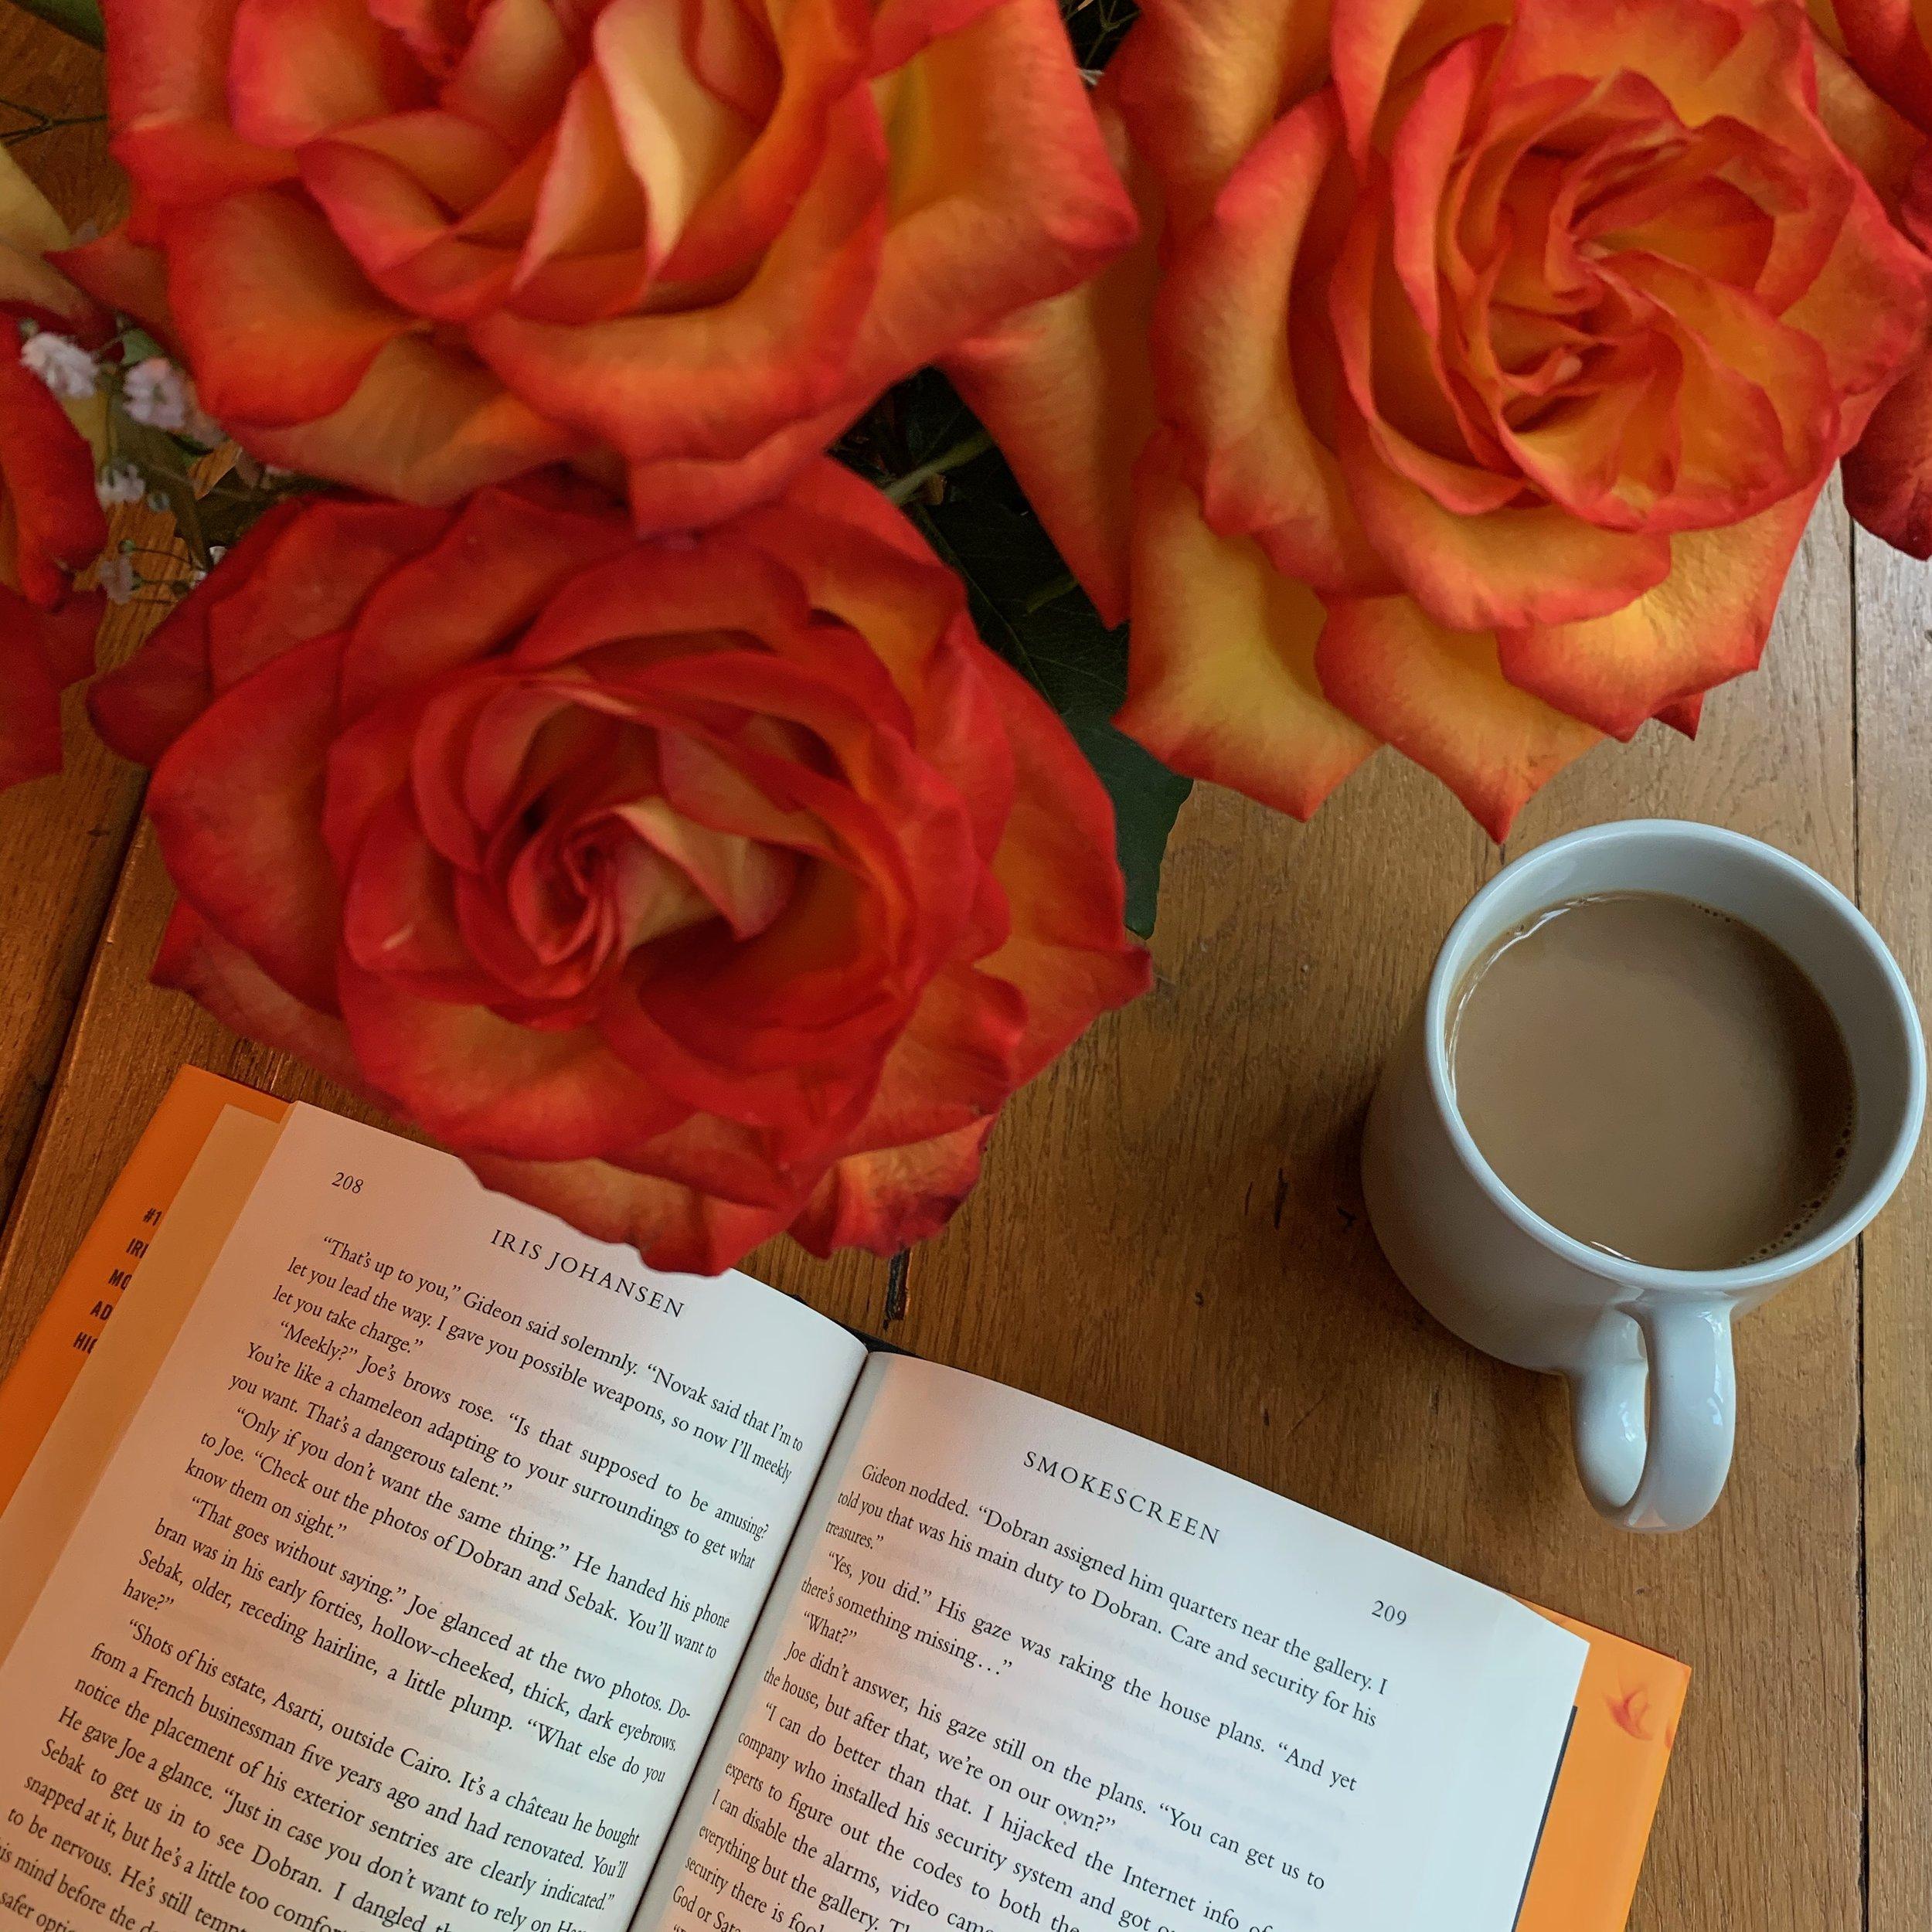 ** Book Review for SMOKESCREEN by Iris Johansen **